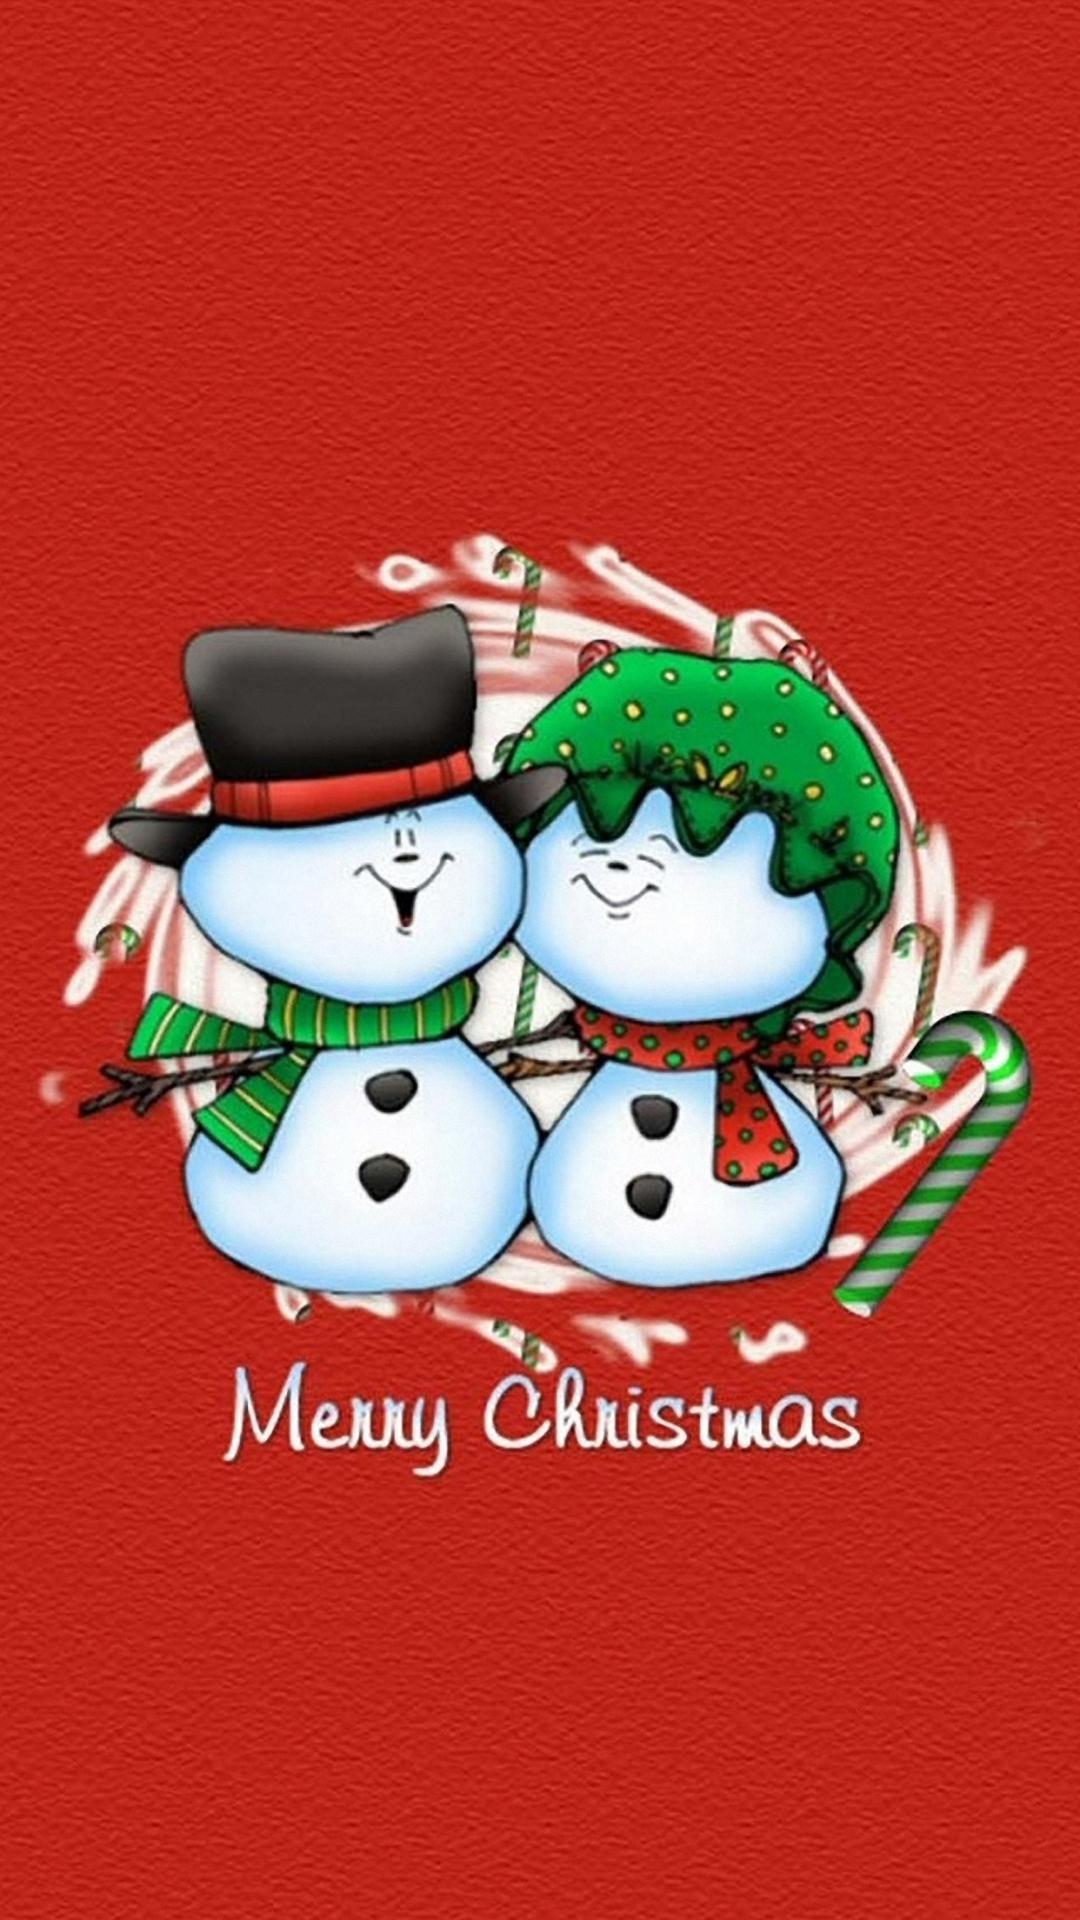 christmas 26 - 50 ảnh nền Giáng Sinh cực dễ thương cho điện thoại